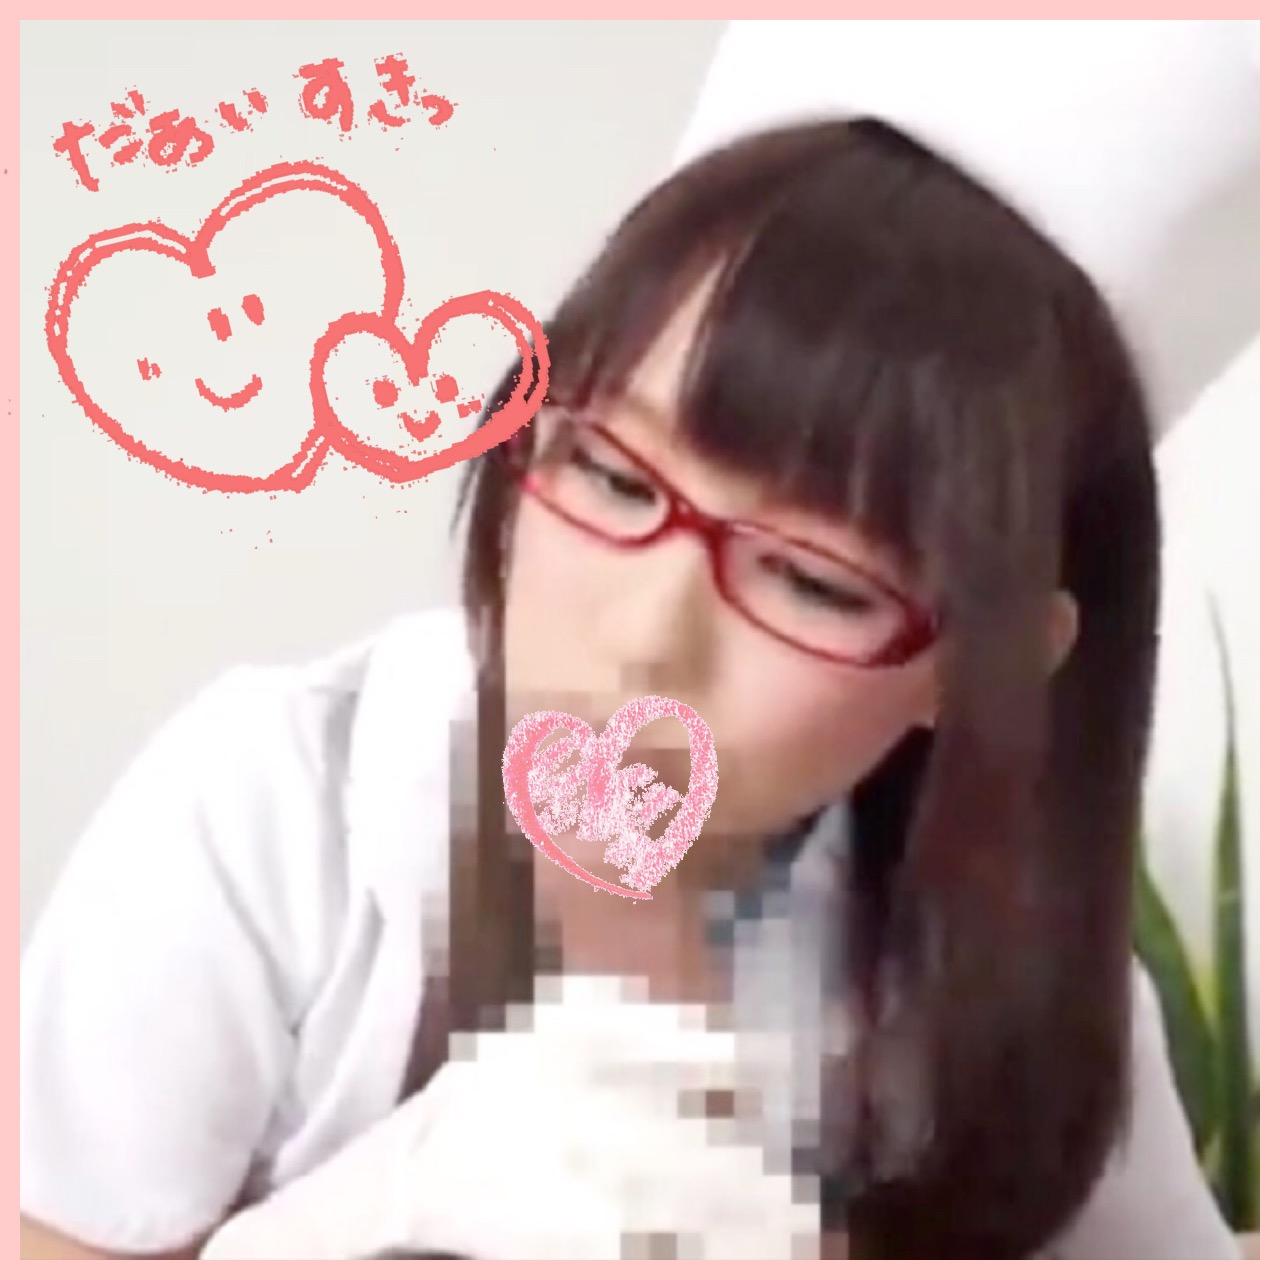 【超舌美女】看護婦エロフェラパレード!…